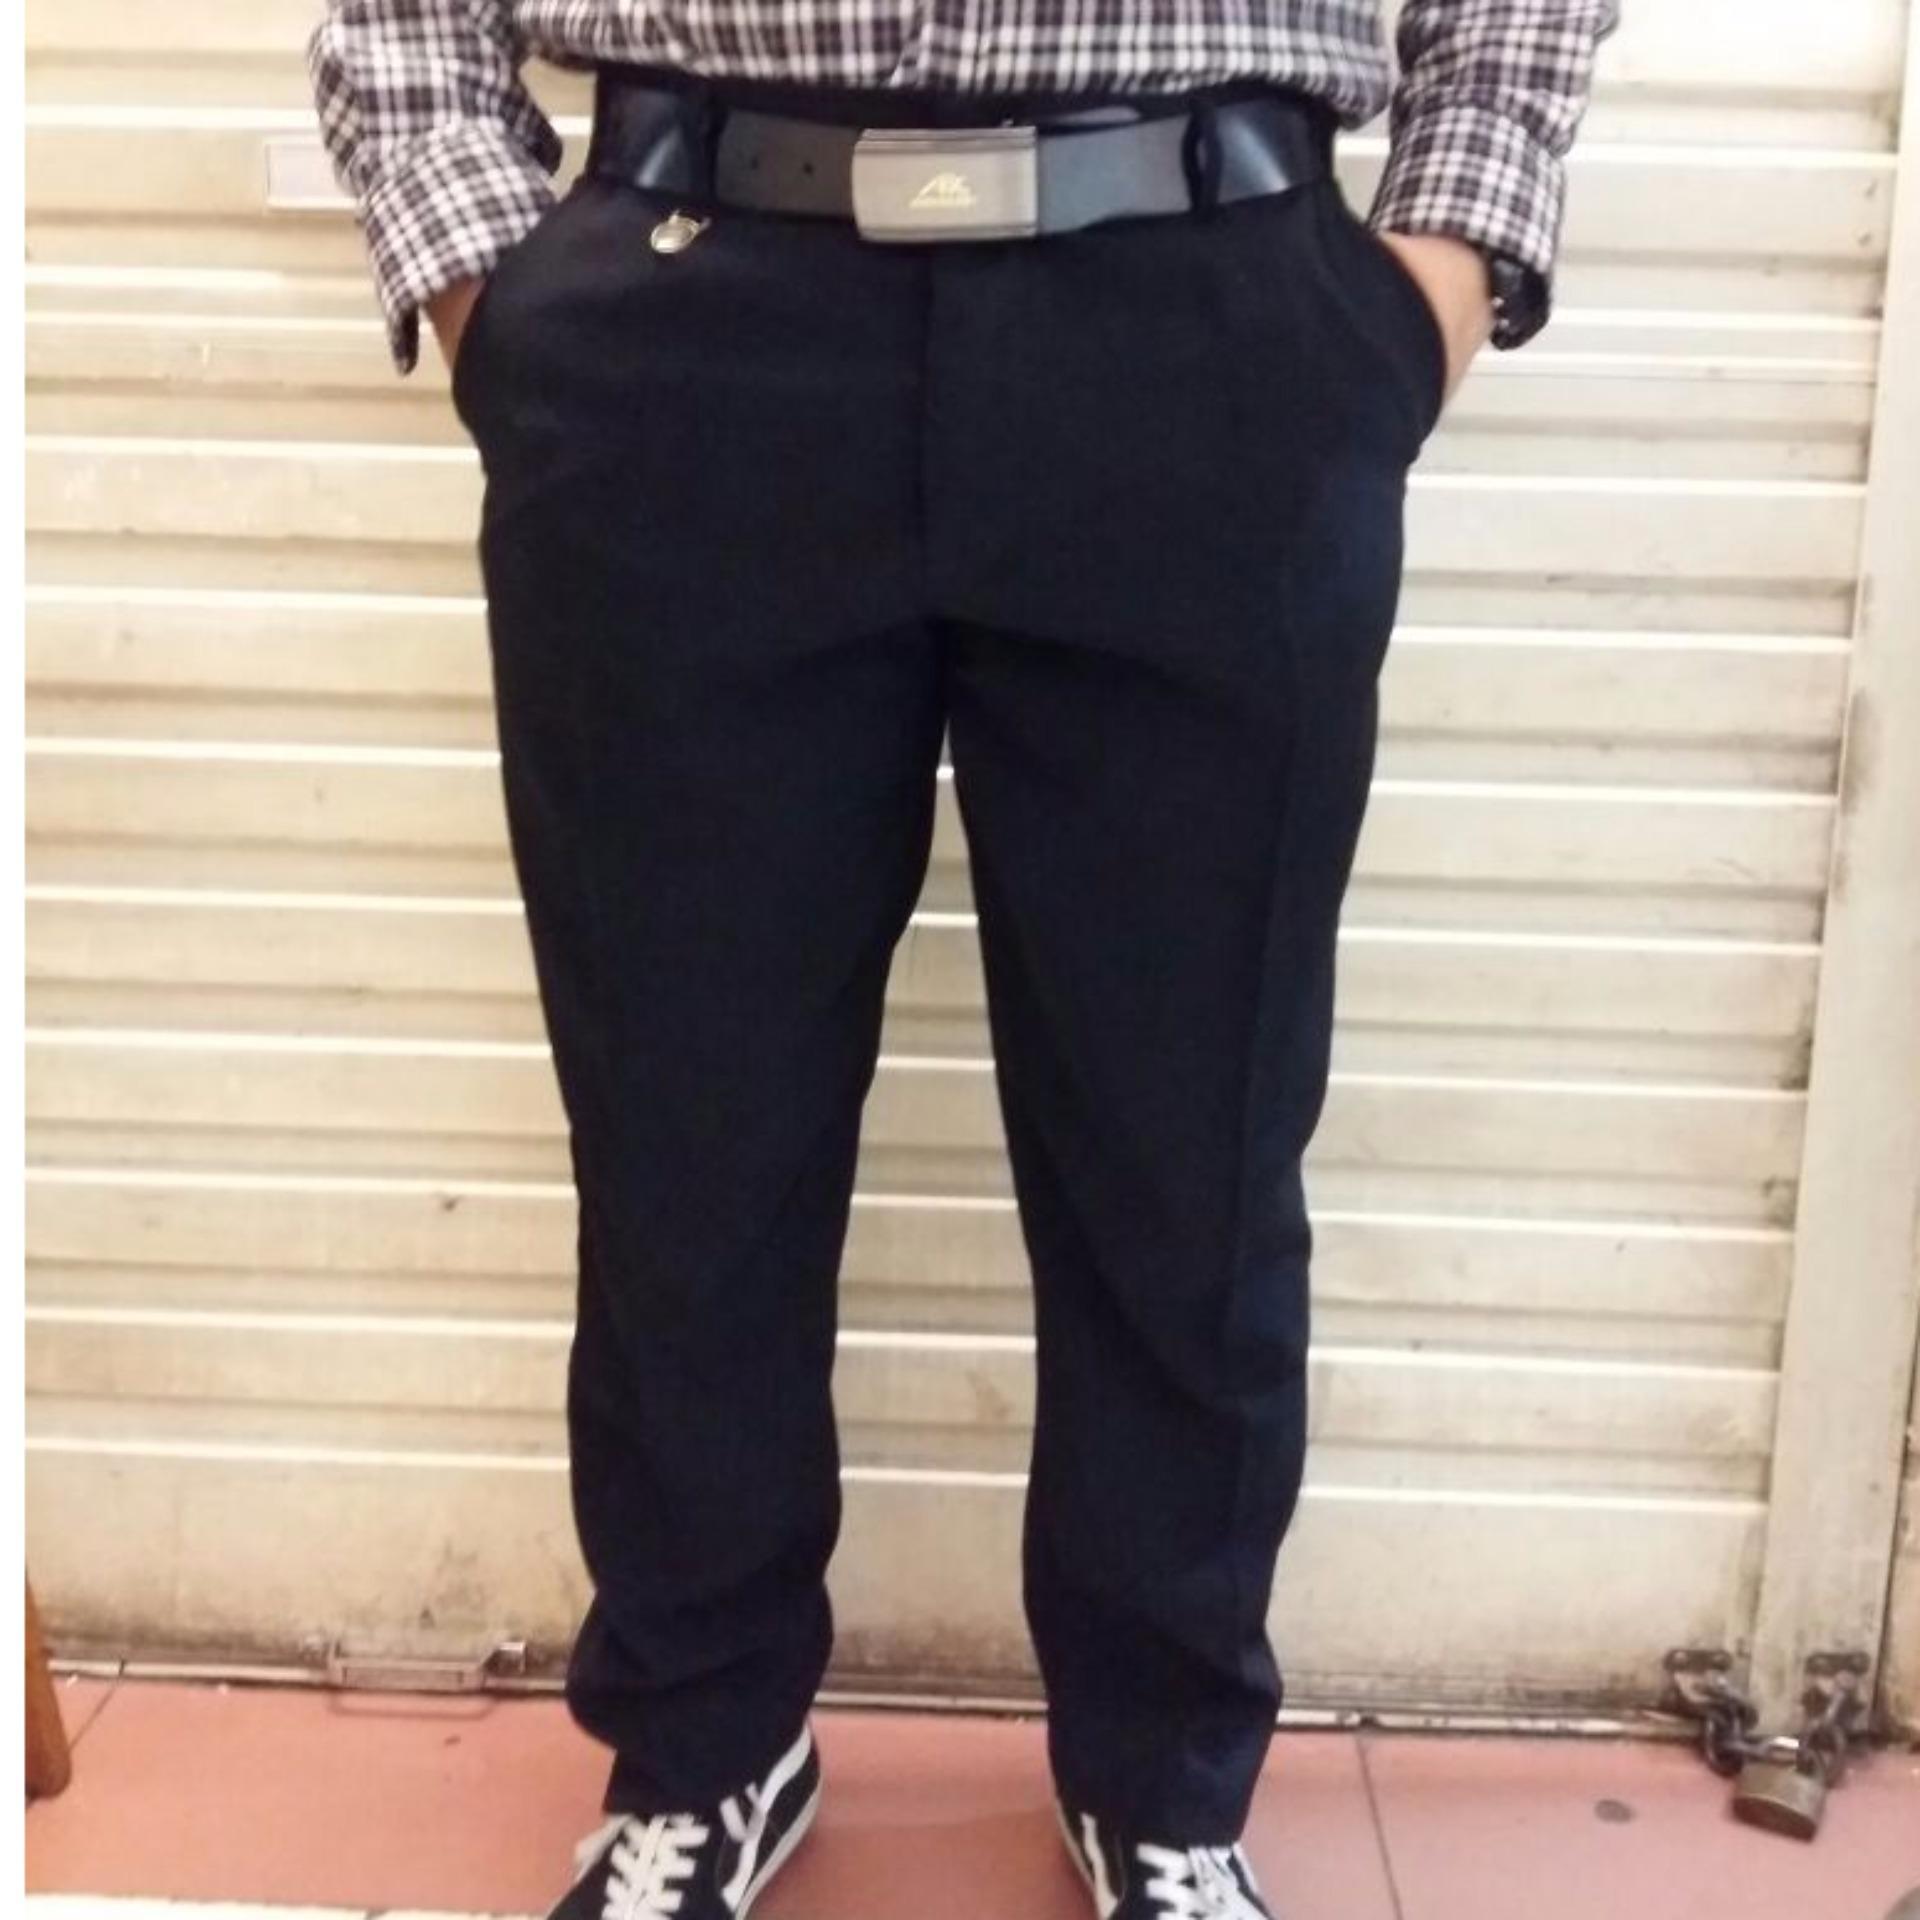 Berapa Harga Celana Formal Pria Slimfit Twis Hitam Celana Kerja Pria Slimfit Twis 27 38 Excellen Slimfit Di Indonesia